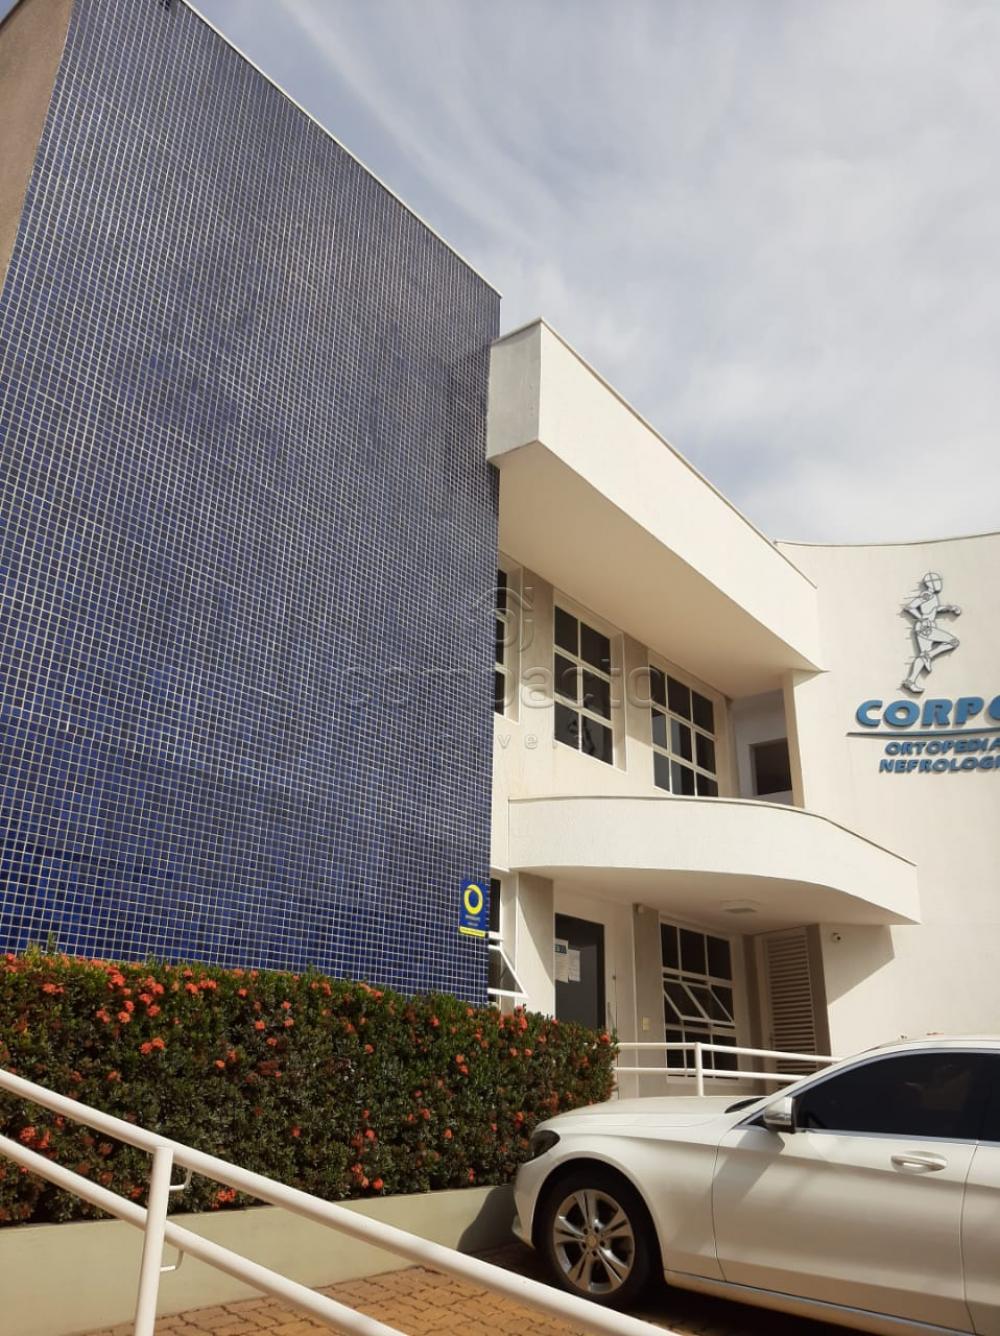 Alugar Comercial / Prédio em São José do Rio Preto apenas R$ 20.000,00 - Foto 8